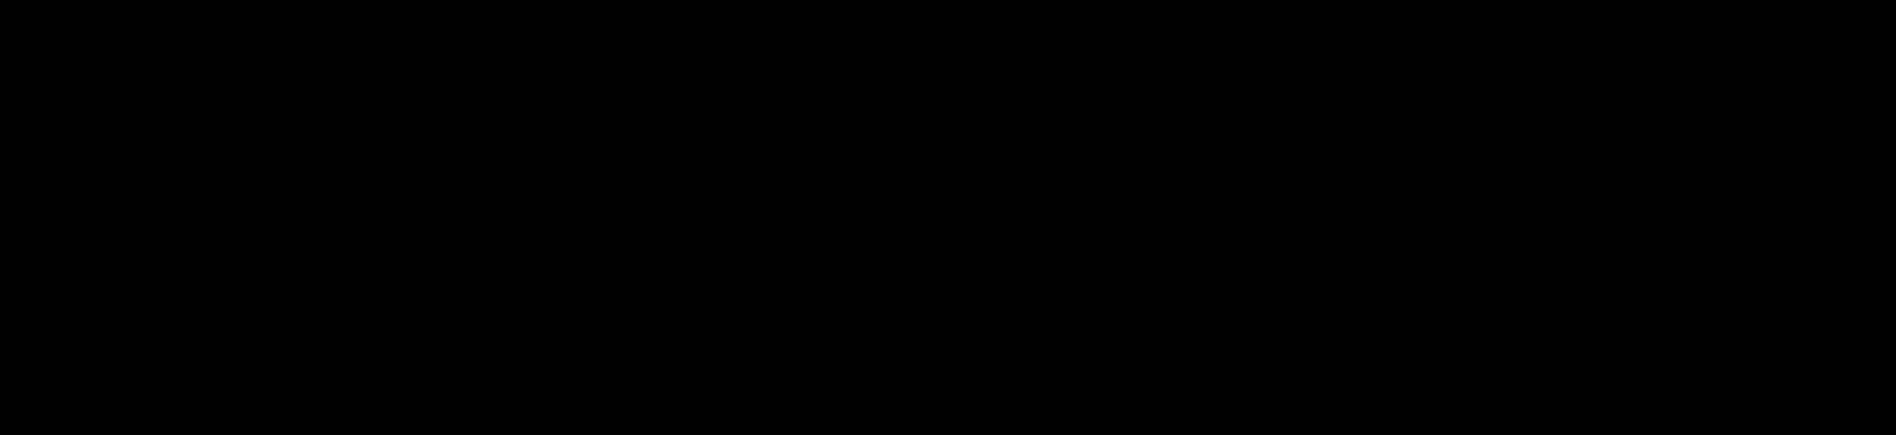 ndad-lab